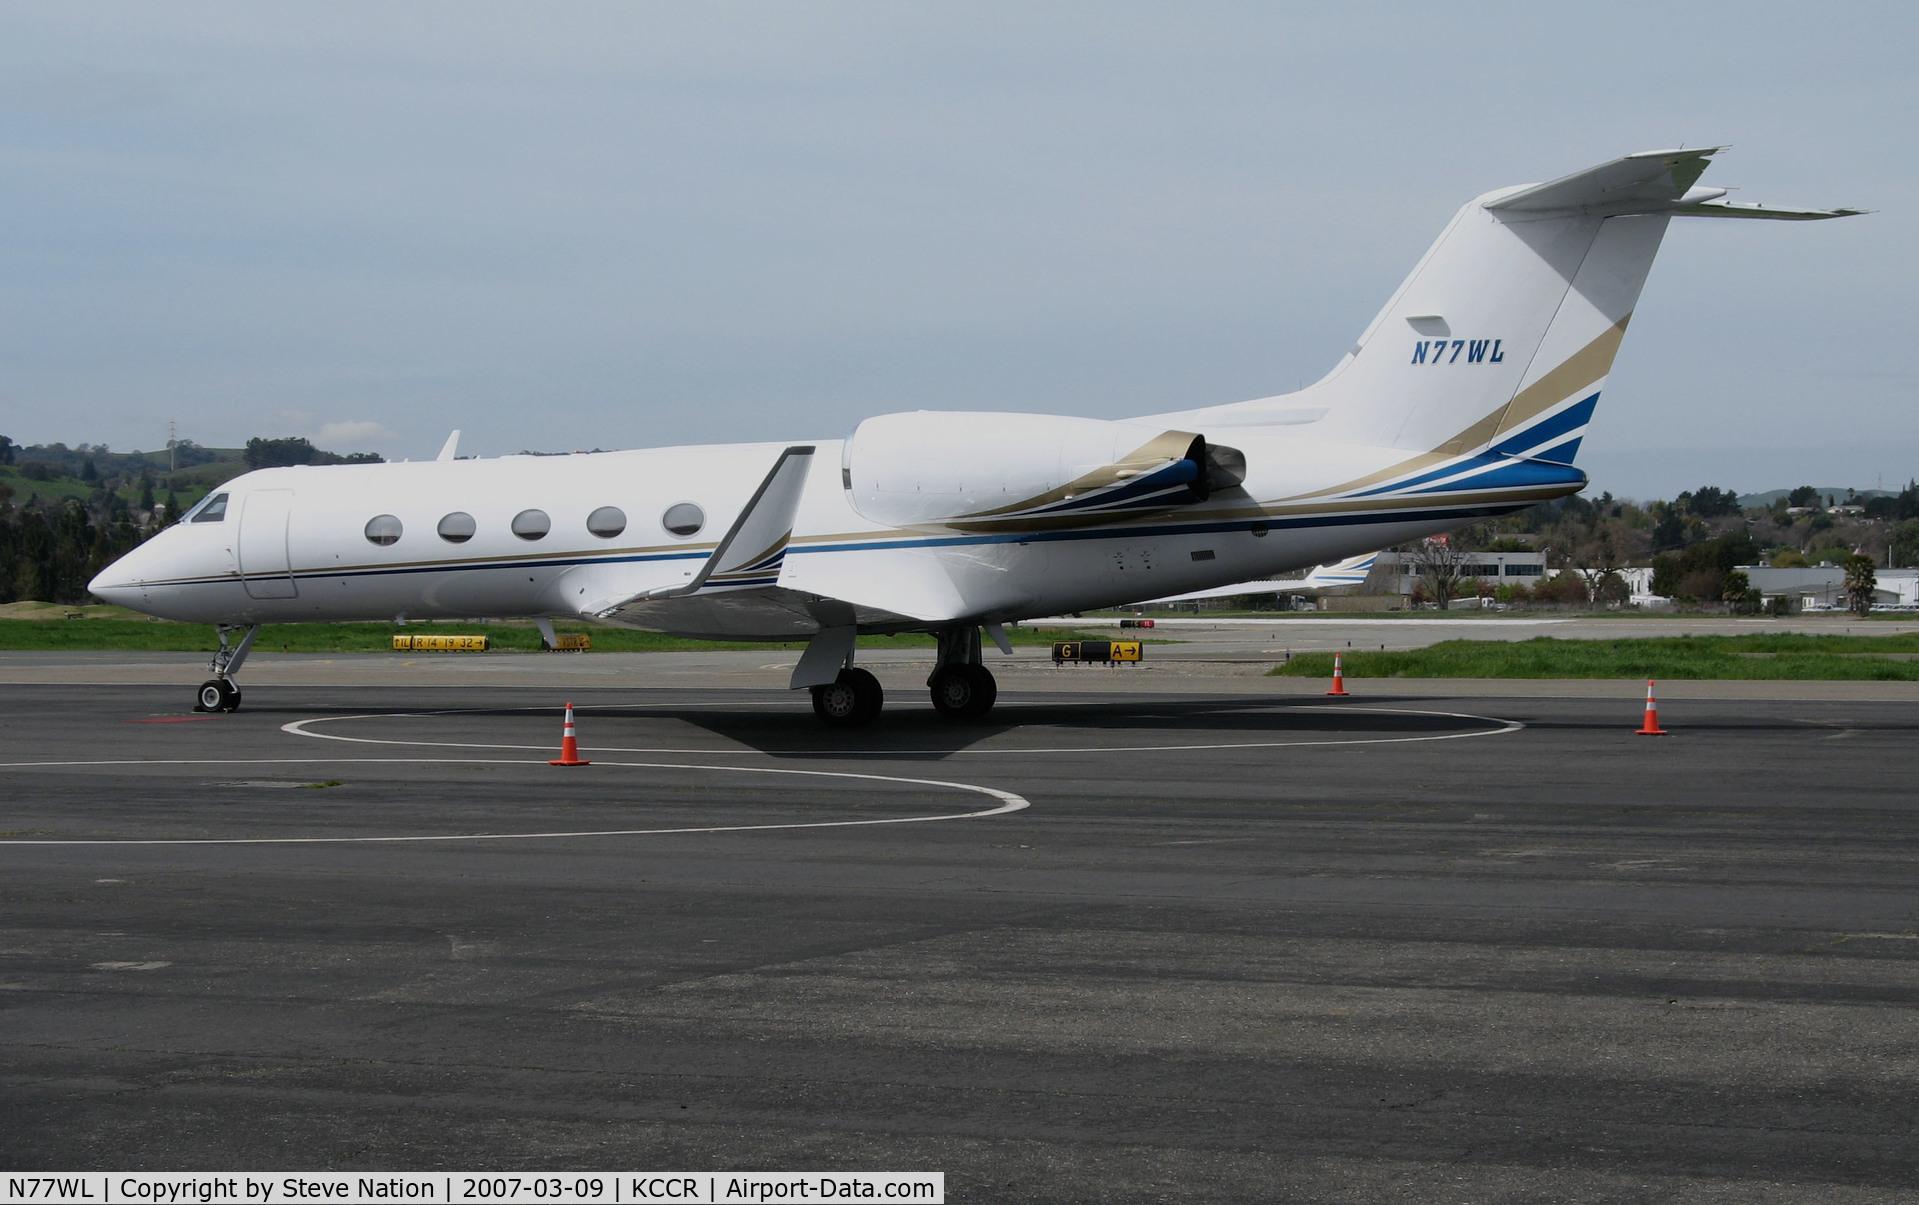 N77WL, 1990 Gulfstream Aerospace G-IV C/N 1140, Martin Aviation (Santa Ana, CA) 1990 Gulfstream Aerospace G-IV on Pacific Aviation ramp @ Buchanan Field (Concord, CA)